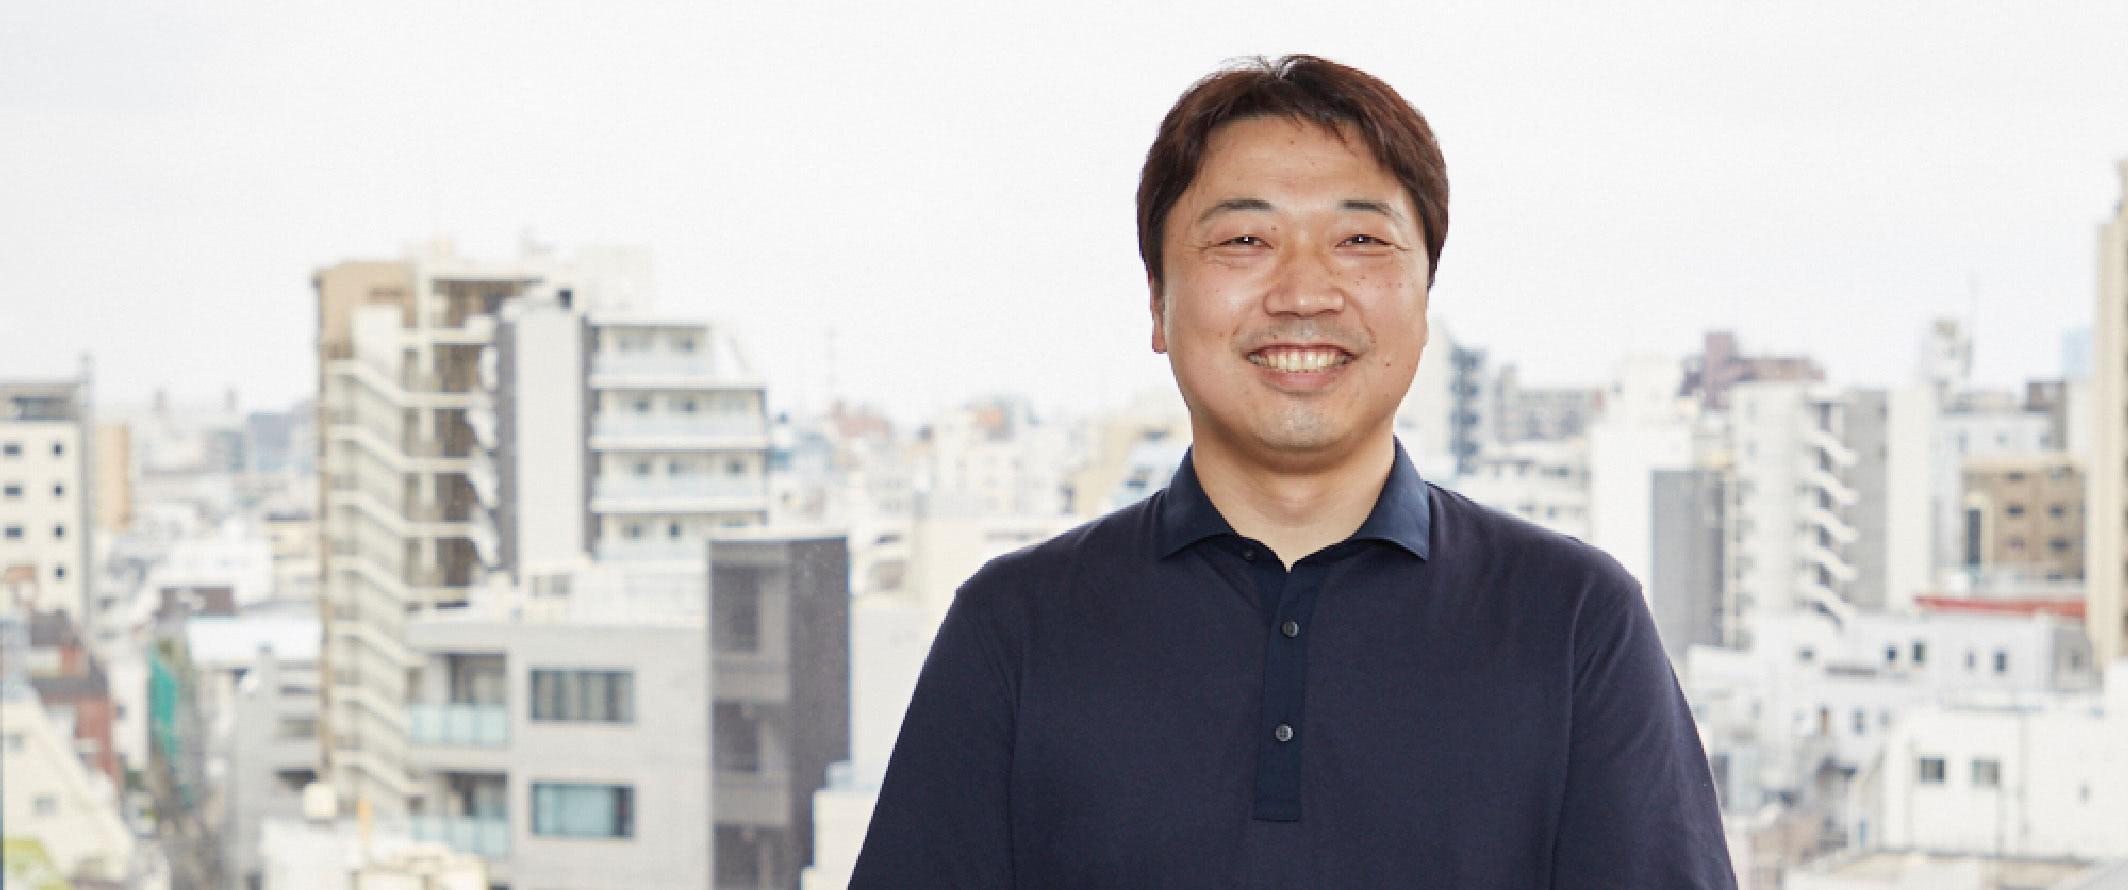 佐々木 功介 技術部 係長 2014年入社